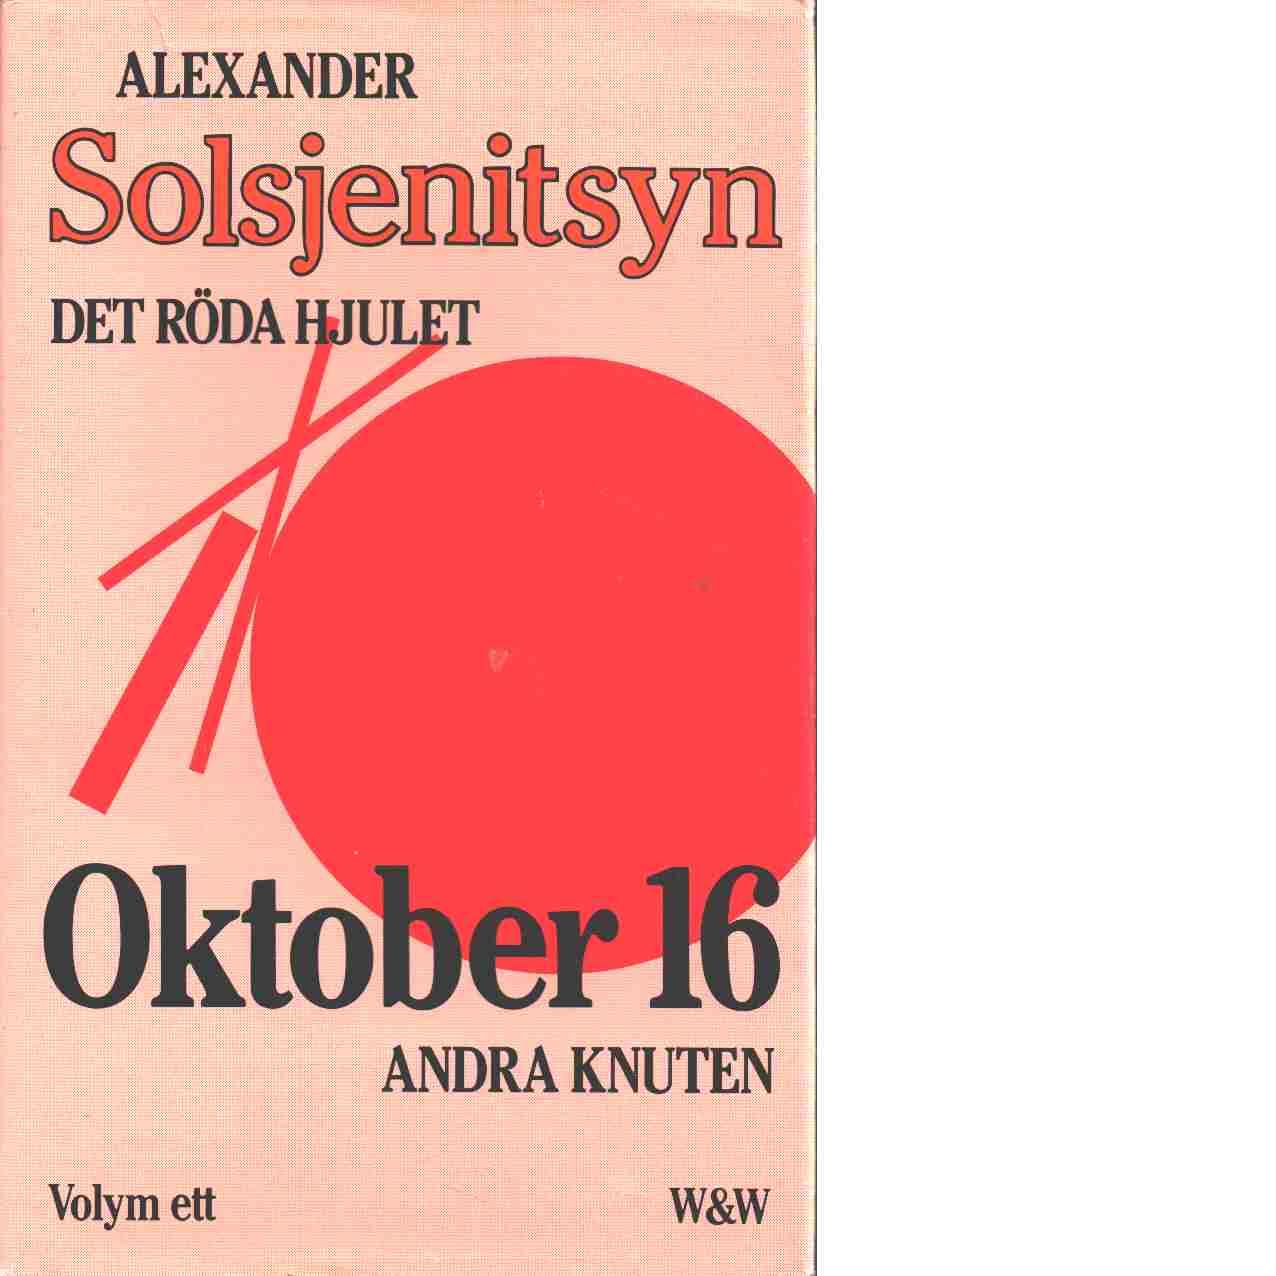 Det röda hjulet. Andra knuten, Oktober sexton, Vol. 1 - Solženicyn, Aleksandr Isaevič